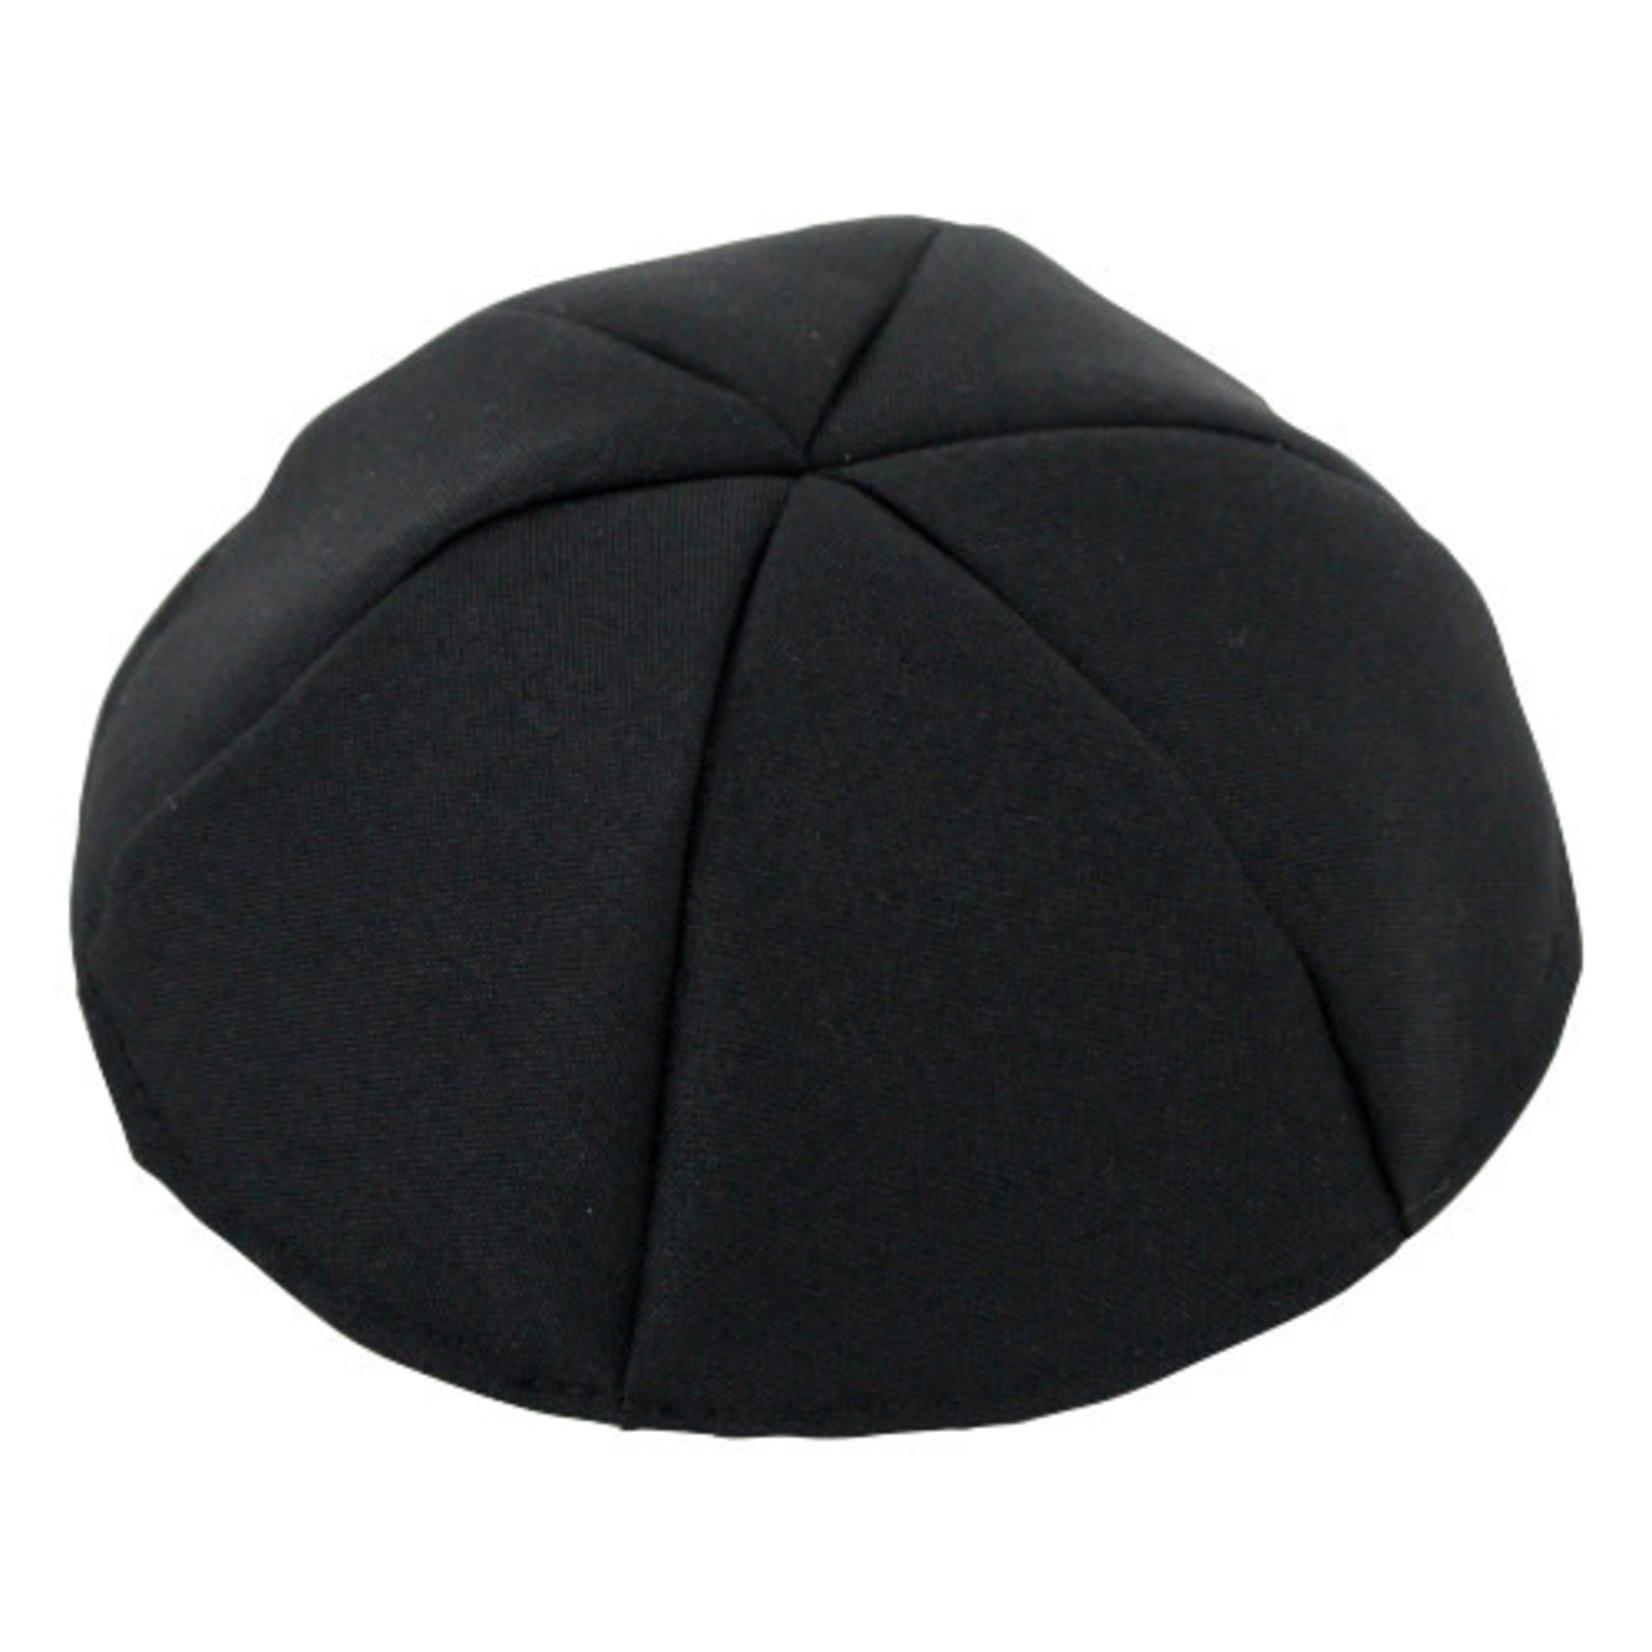 Terylene Kippah, Black, Size 5